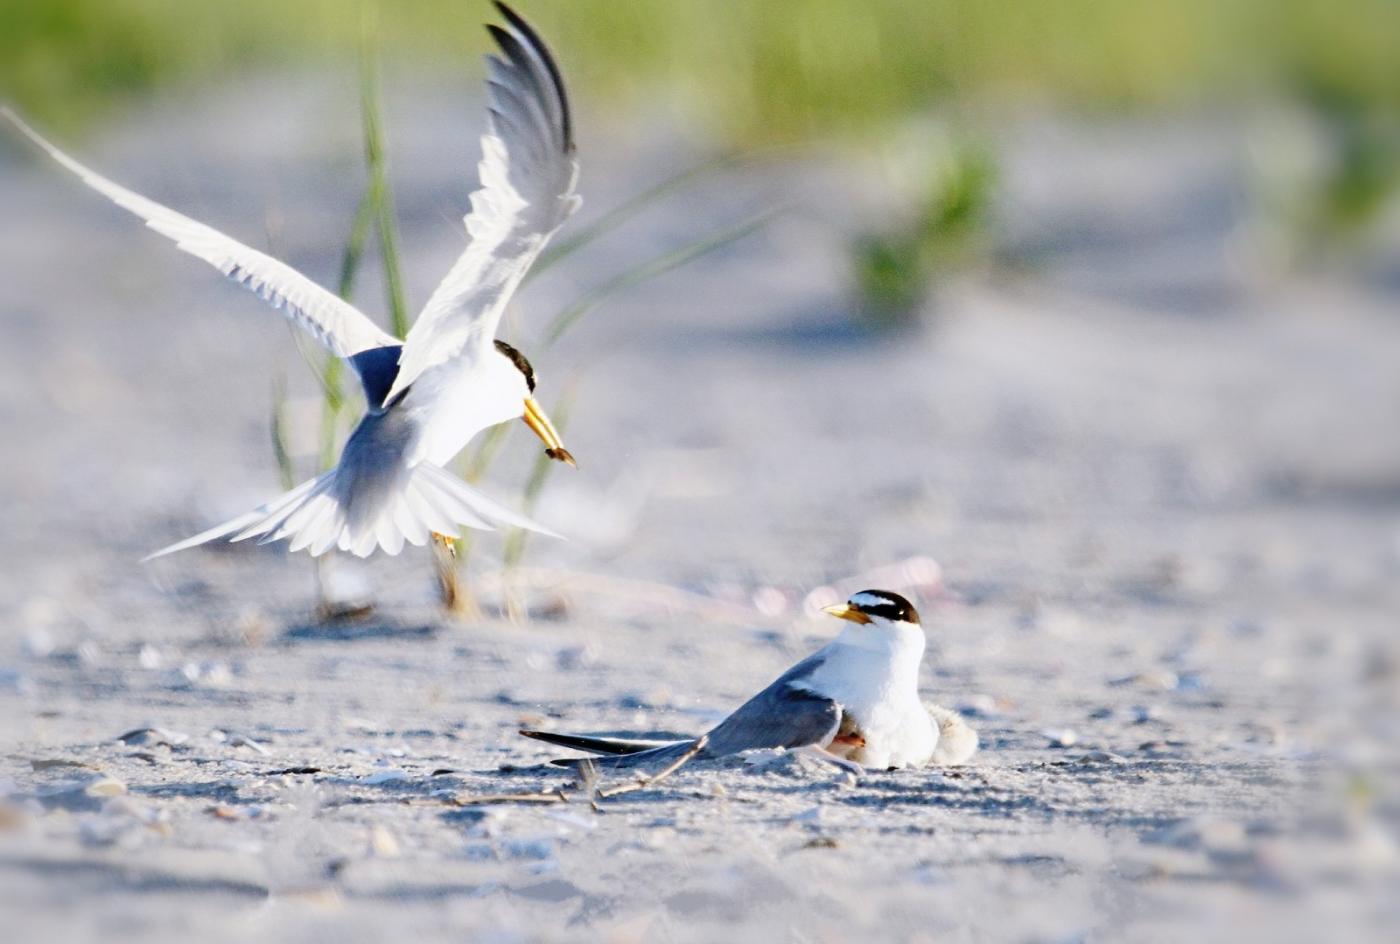 【田螺摄影】黄嘴燕鸥整个出生成长的过程_图1-23